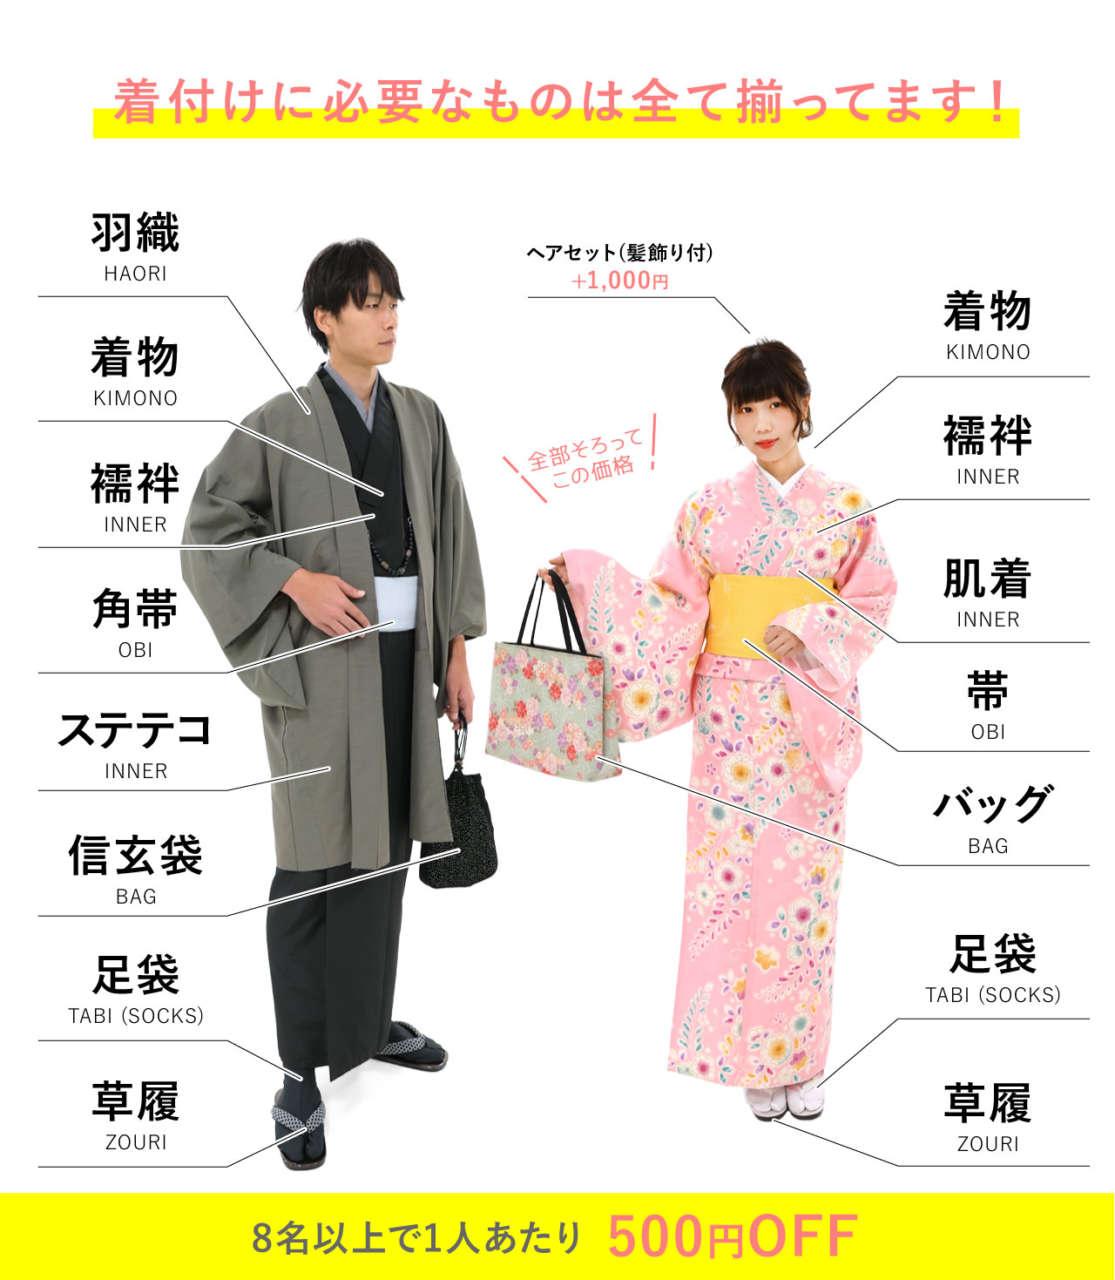 京都浅草着物レンタル 団体割引